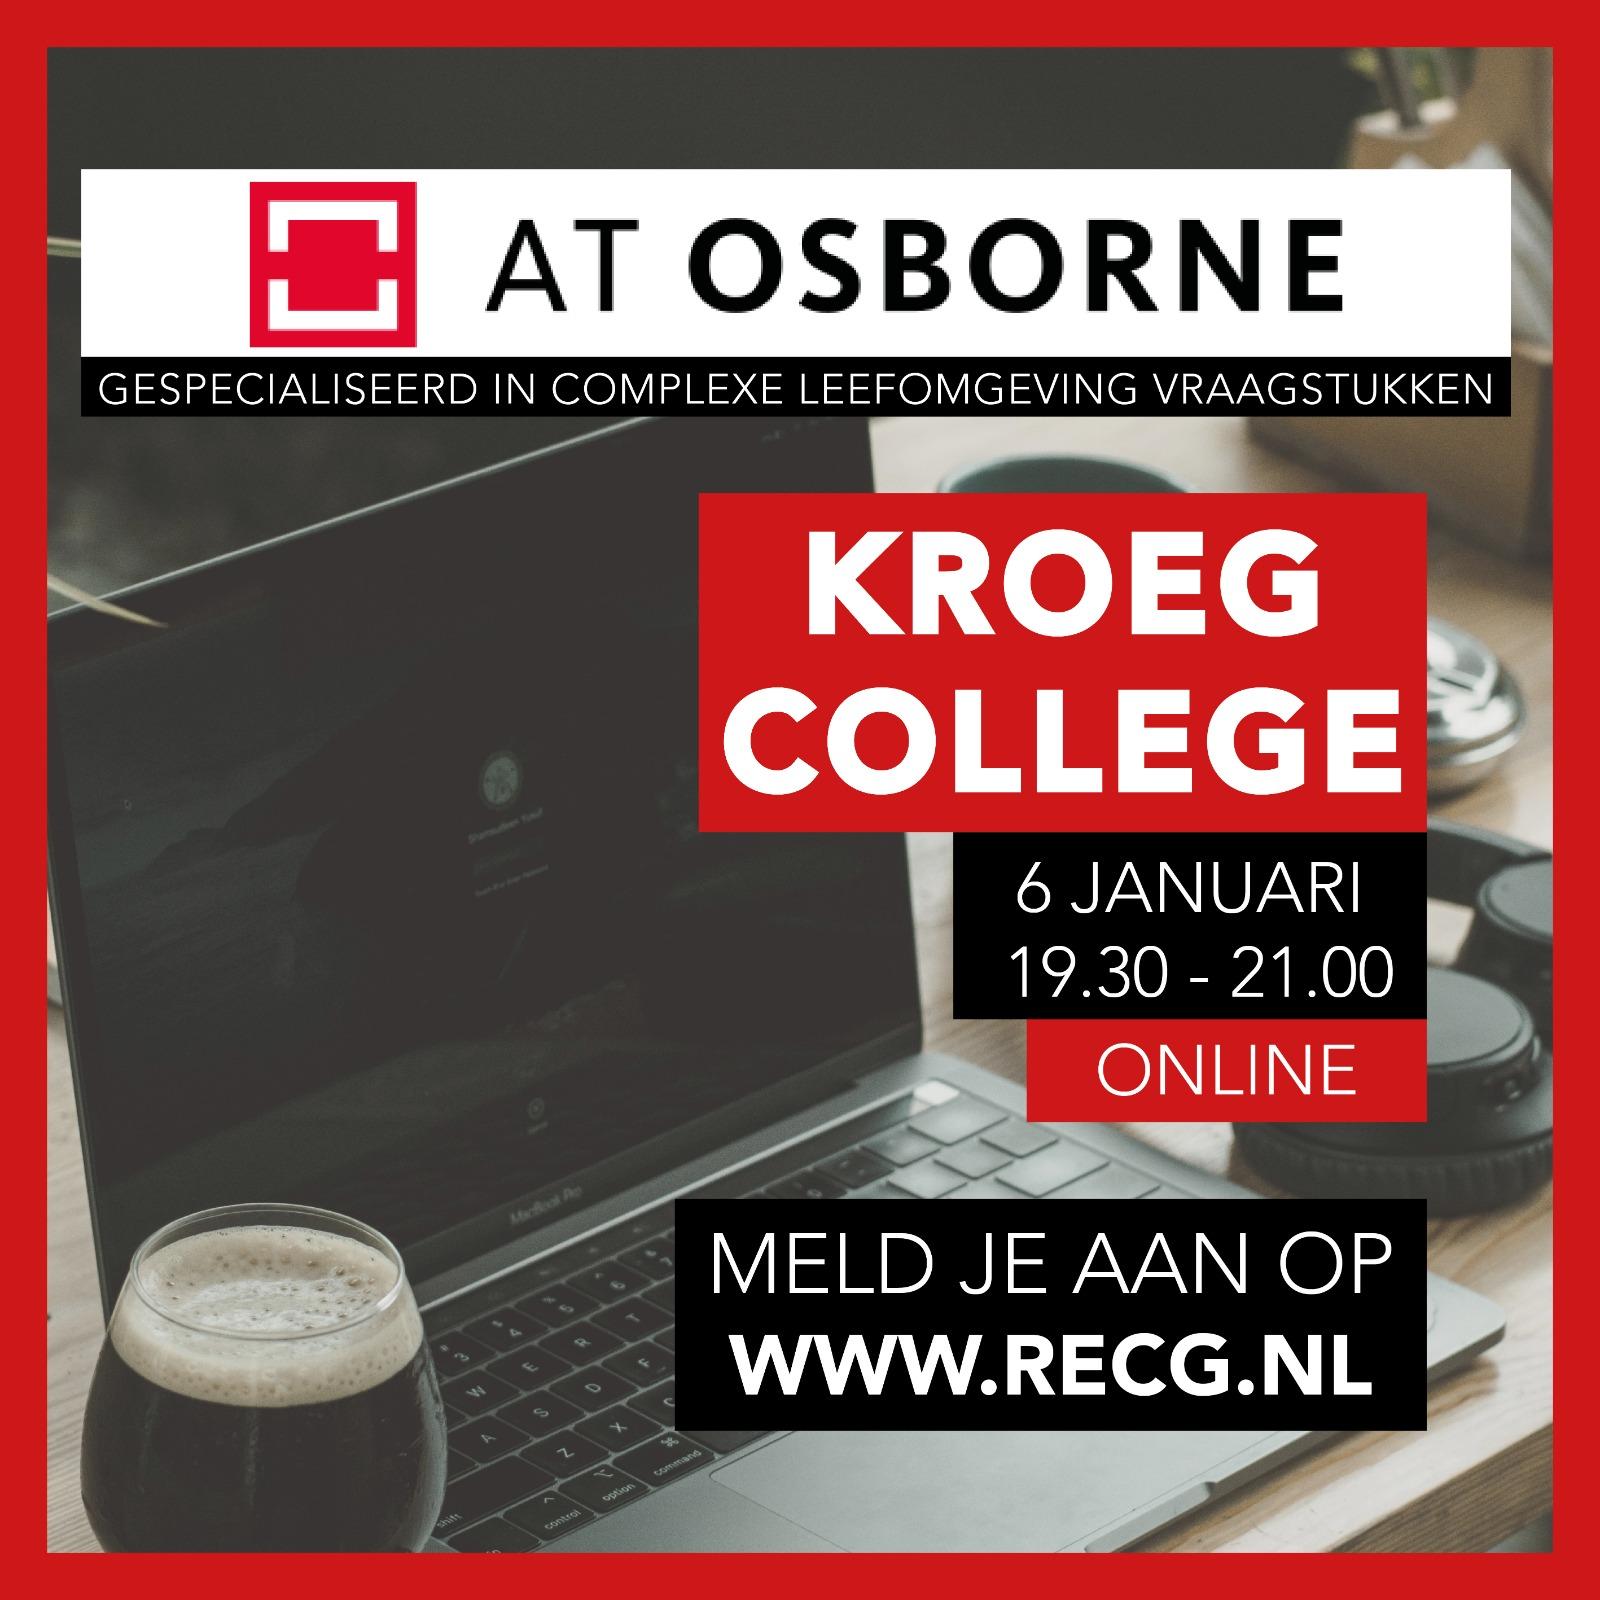 AT Osborne Kroegcollege RECG